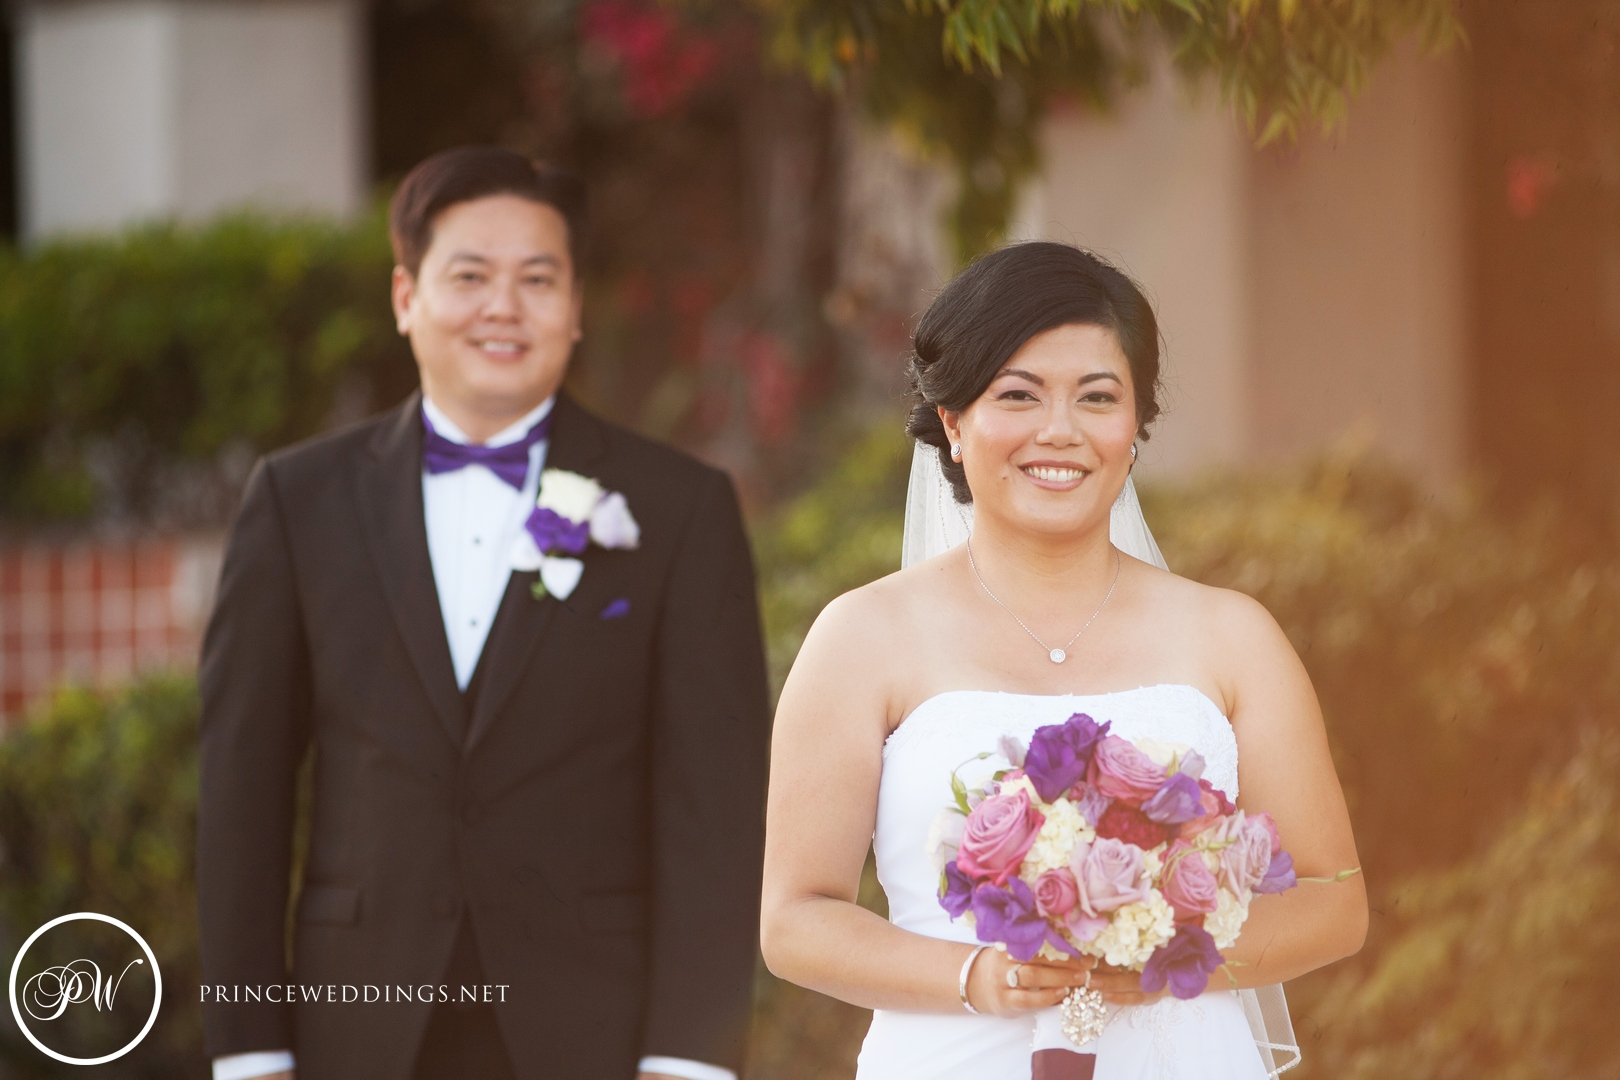 TurnipRose_Wedding_Photography_James+Luisa80.jpg